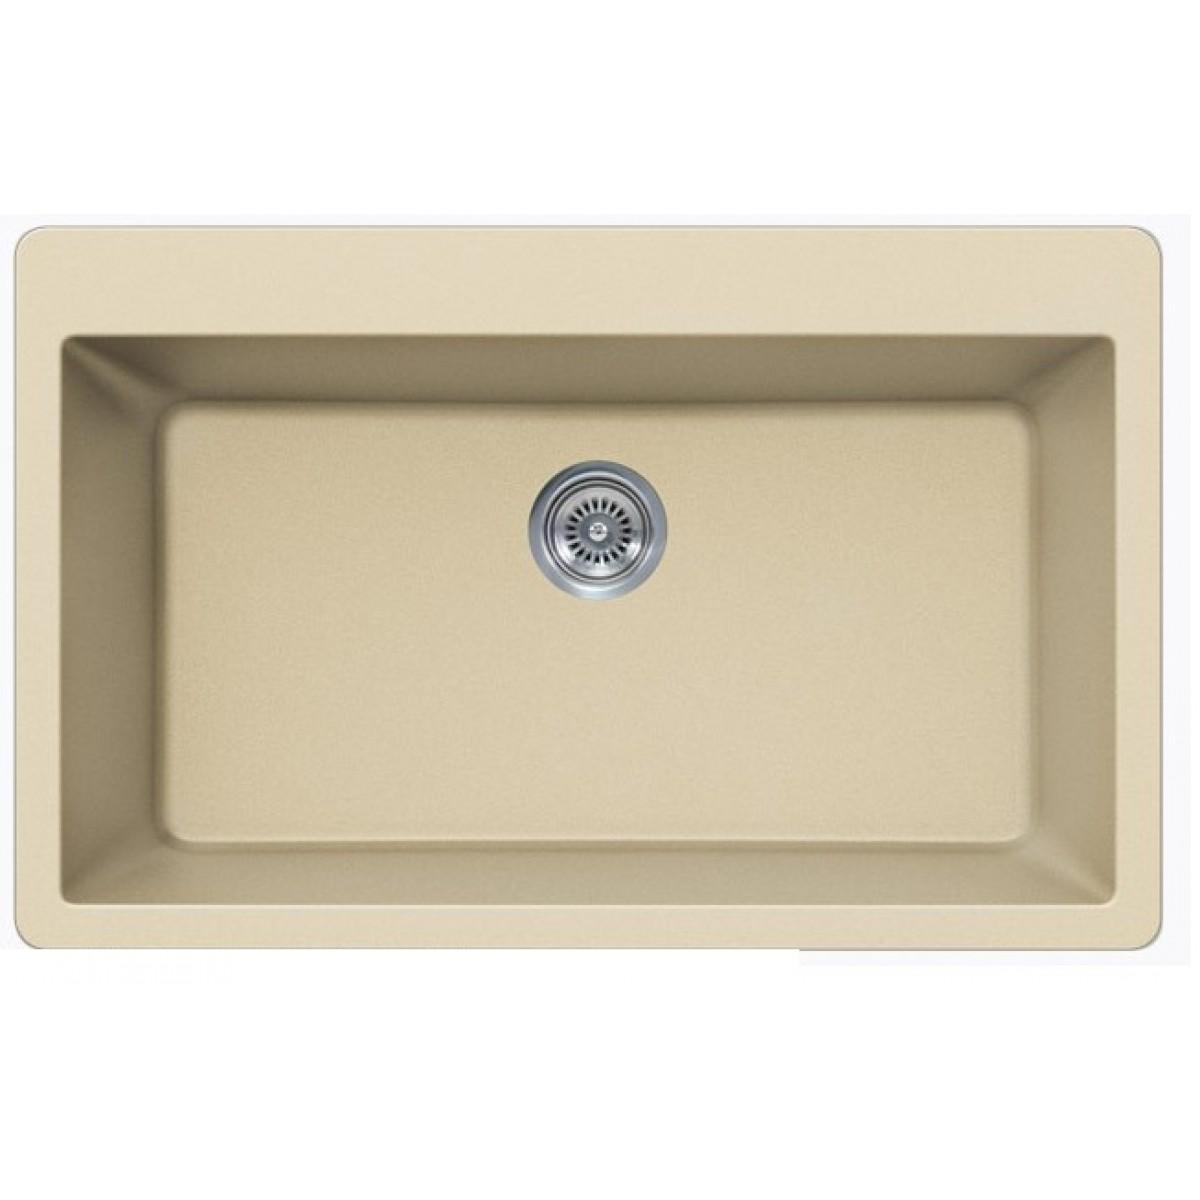 Beige Quartz Composite Single Bowl Undermount / Drop In Kitchen Sink ...